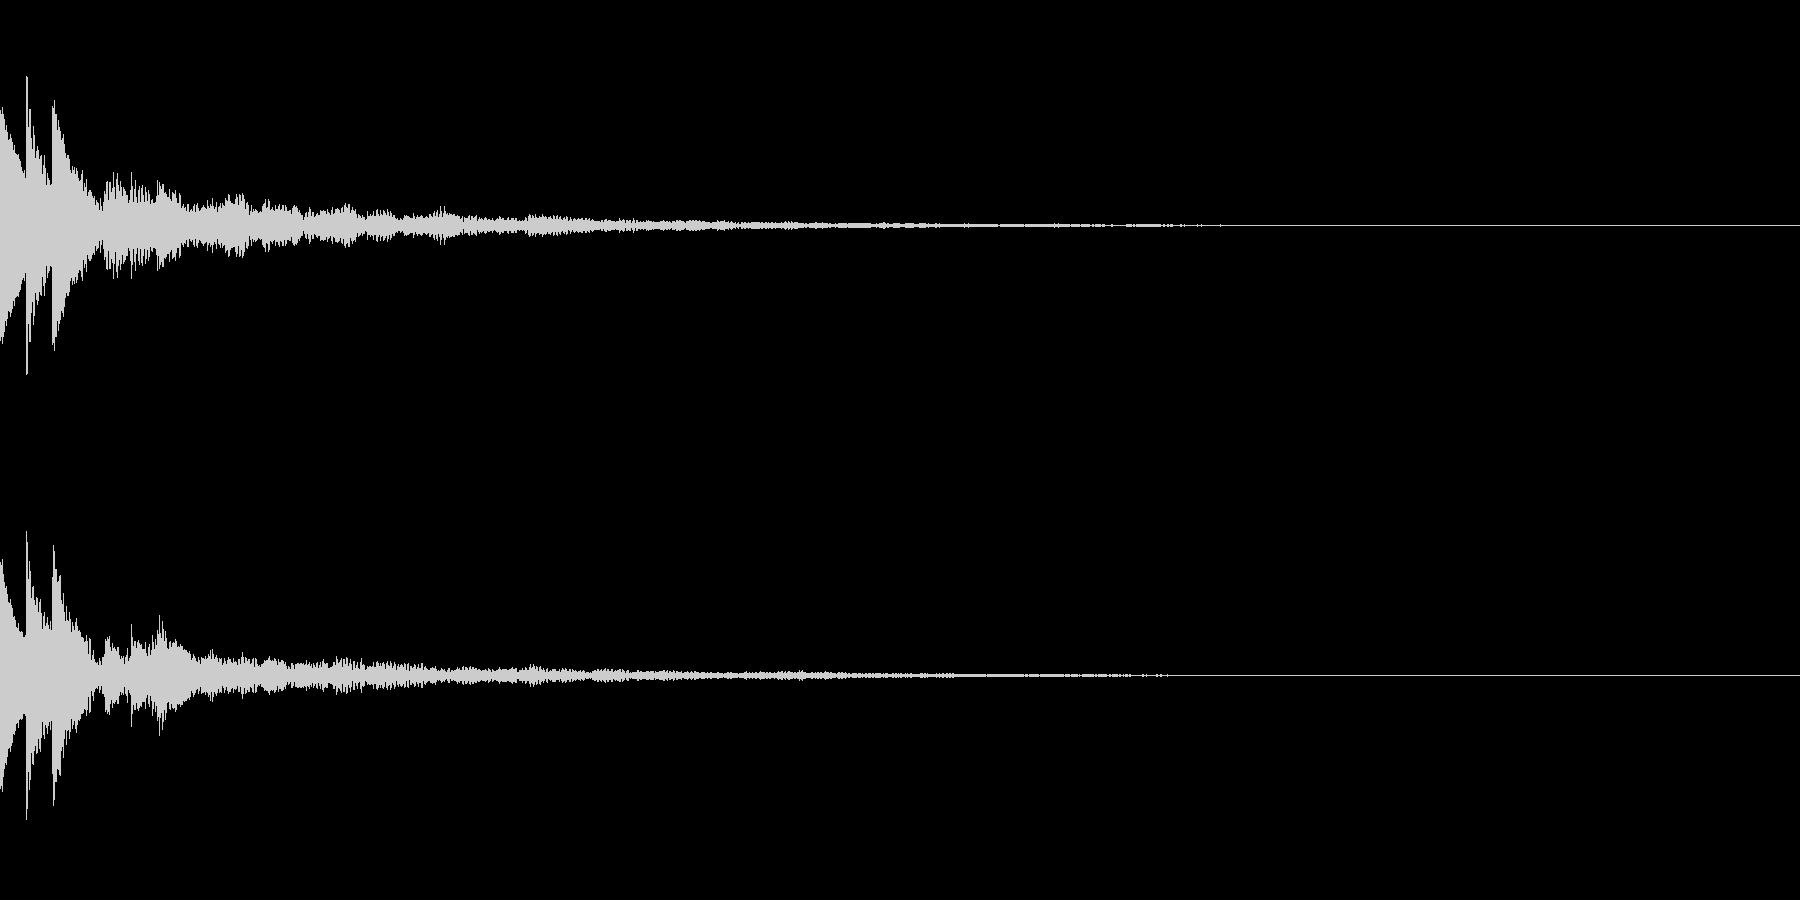 綺麗なボタン音01(長め)の未再生の波形